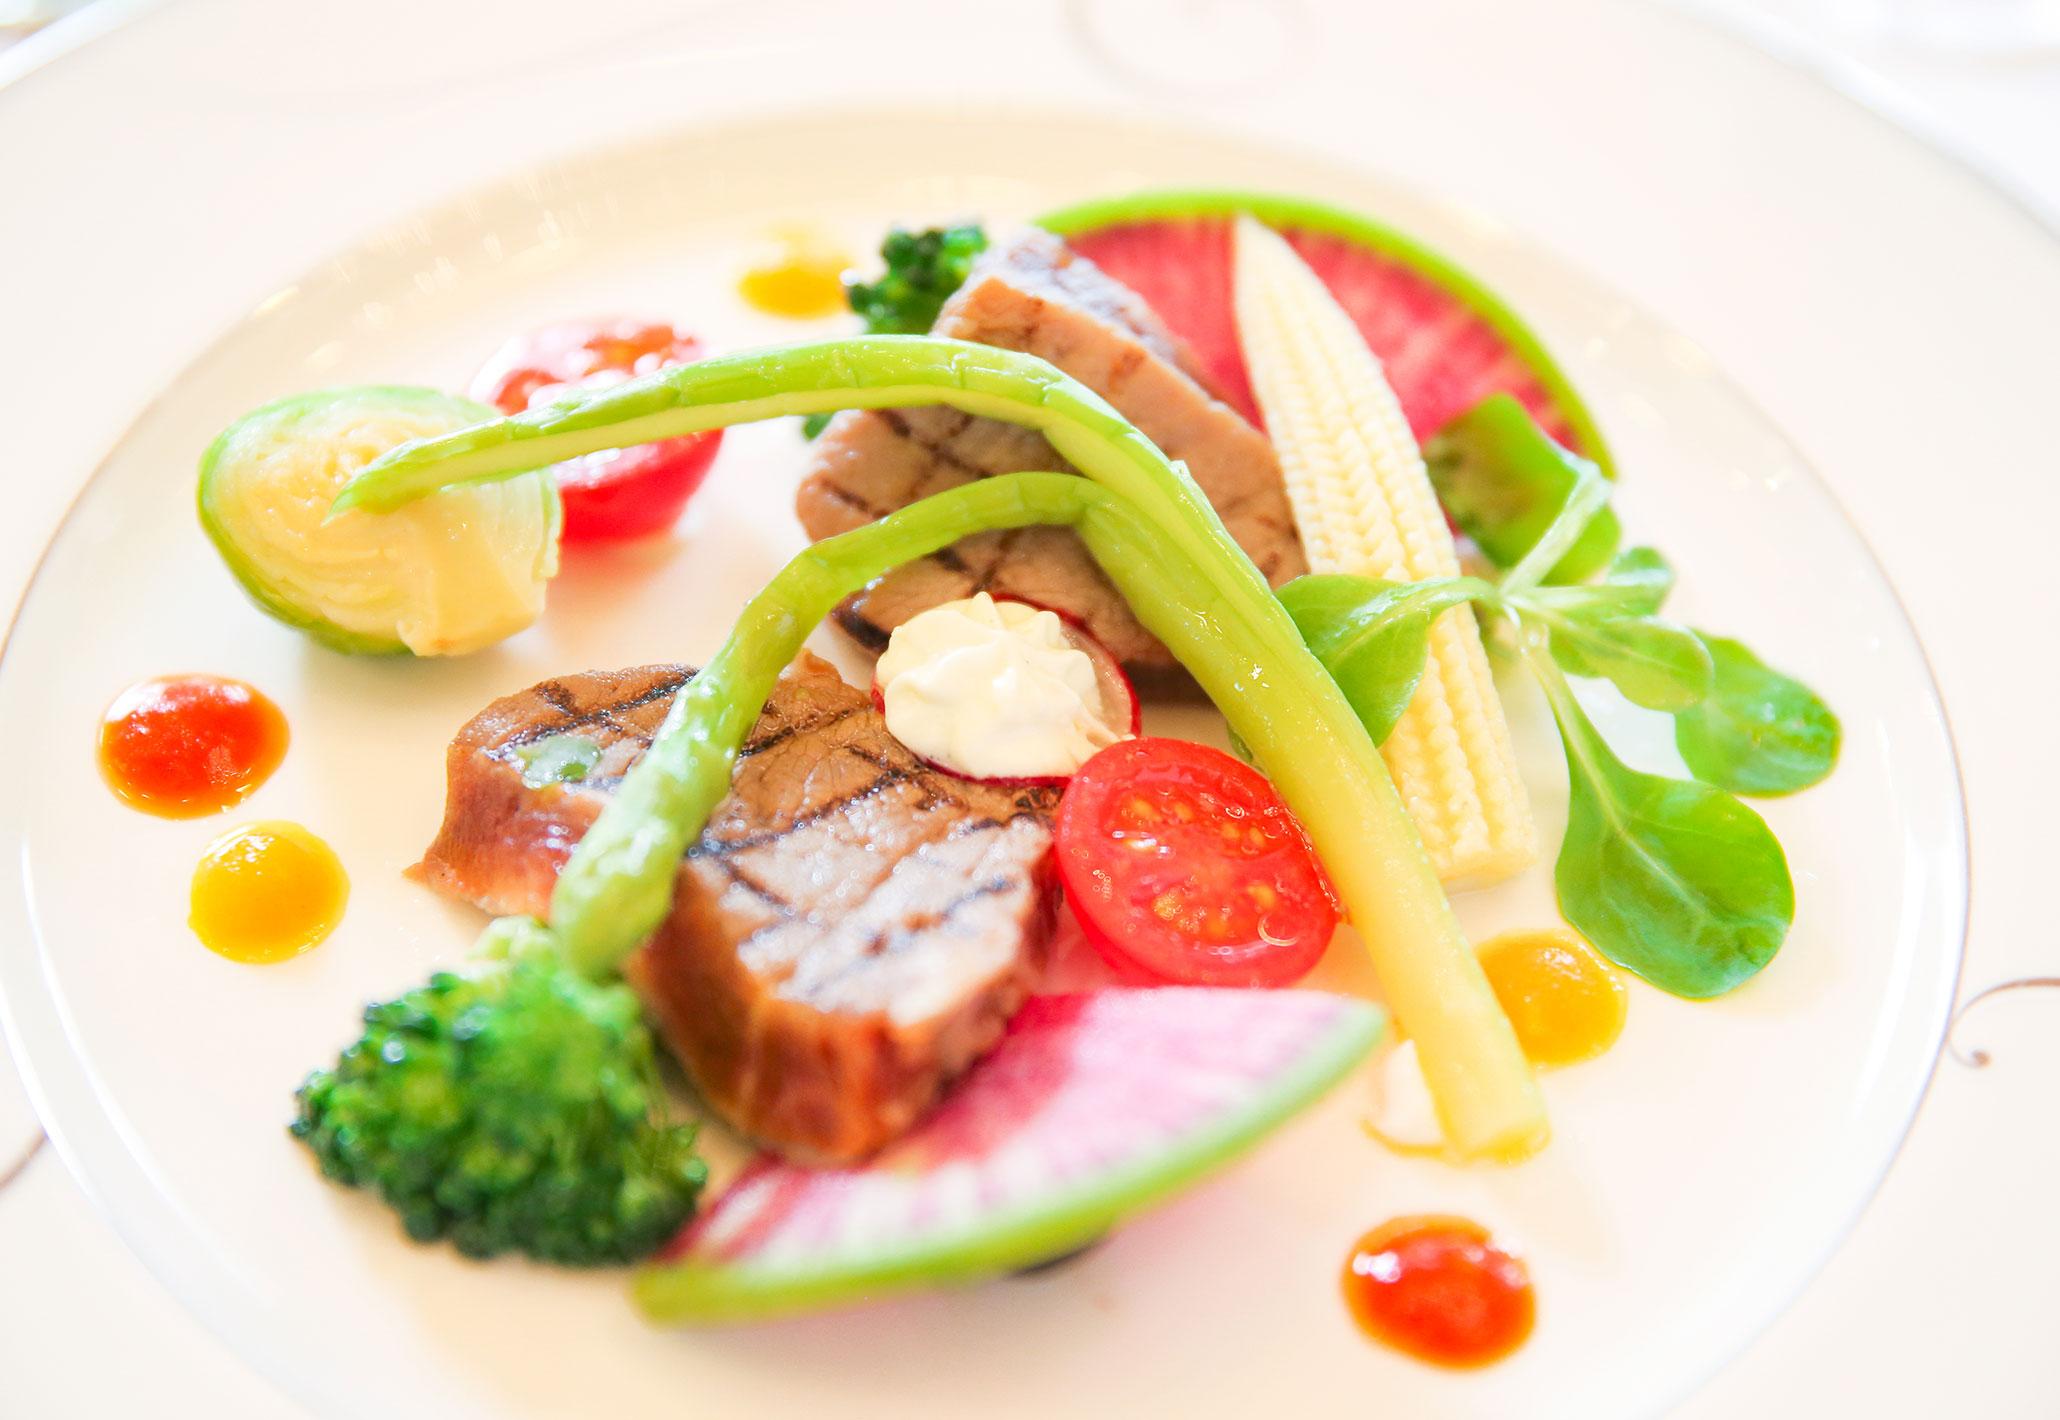 【肉料理】国産牛フィレステーキのグリル山葵風味 野菜の菜園仕立て | 愛媛県西条市の結婚式場ベルフォーレ西条